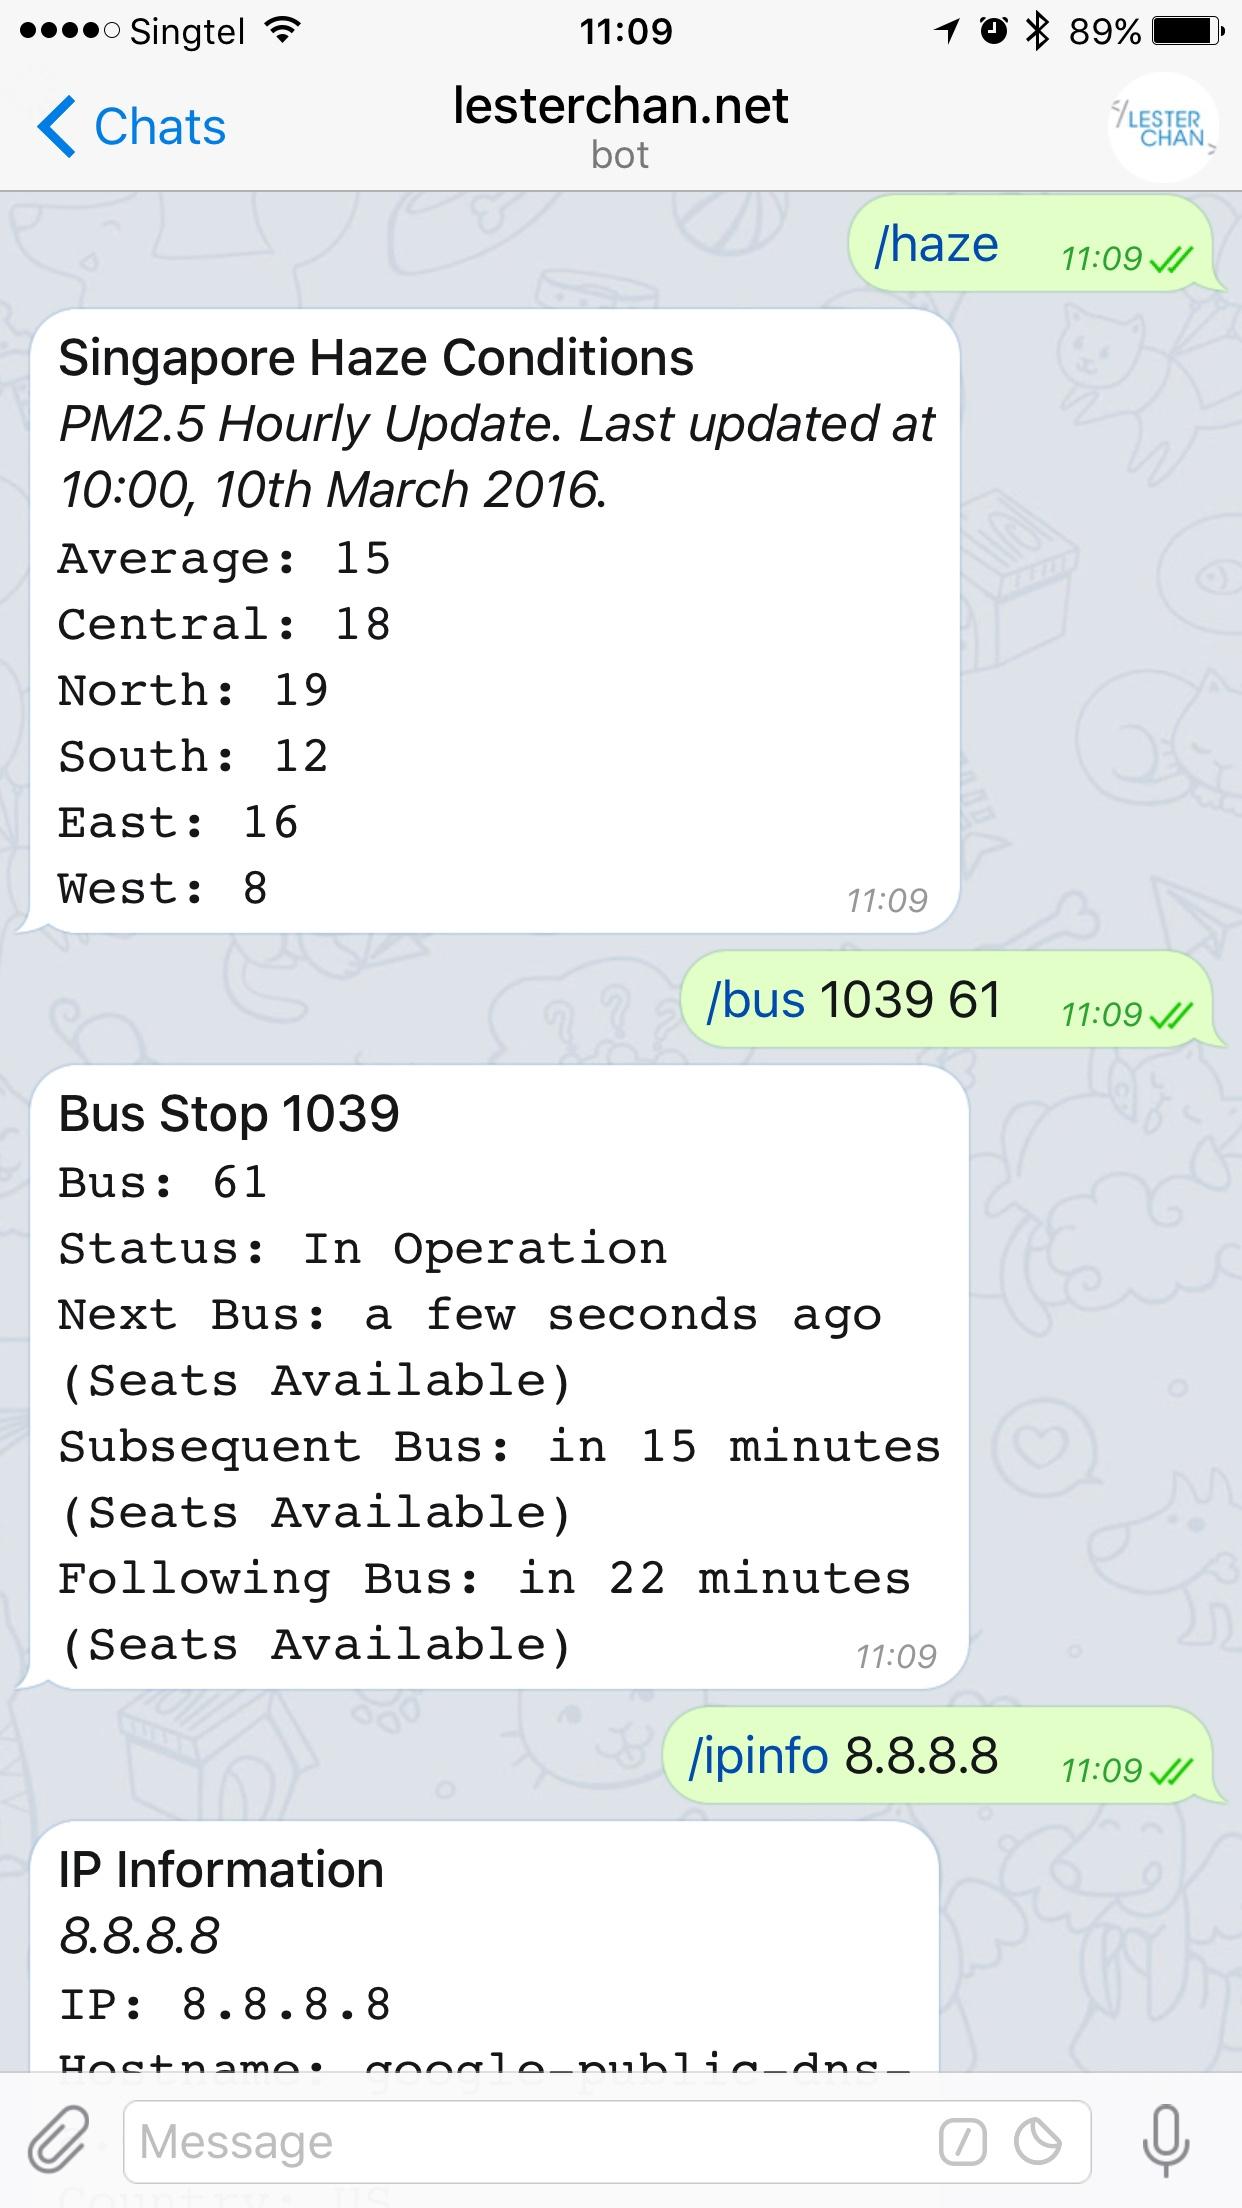 Github lesterchantelegram bot telegram bot using aws api telegram bot baditri Images